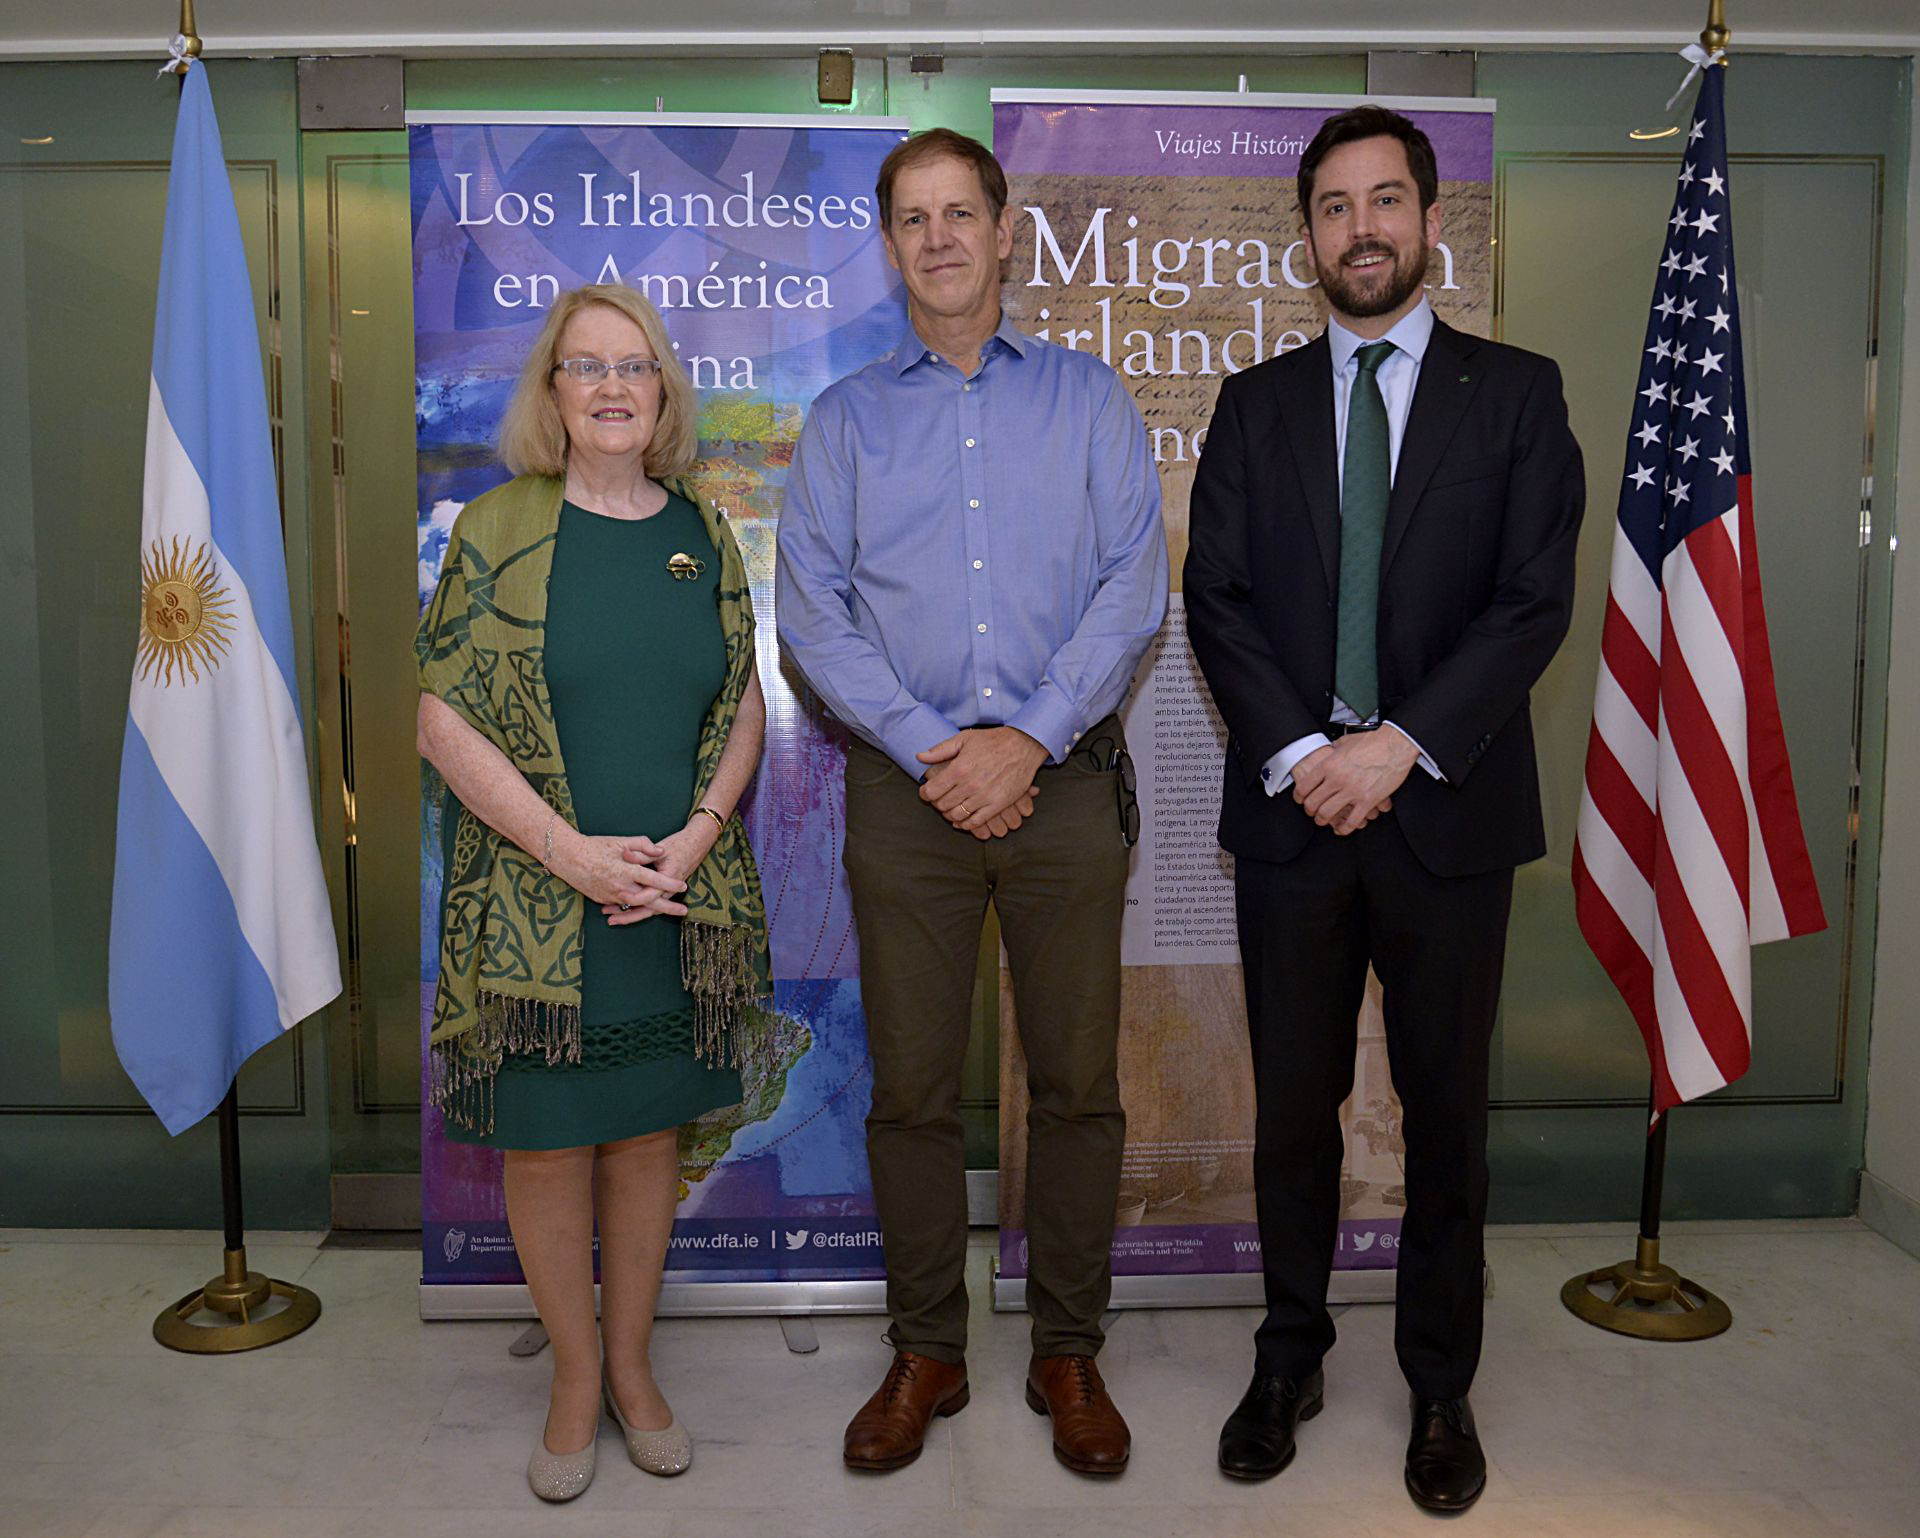 La embajadora de Irlanda en Argentina, Jacqueline O'Halloran Bernstein, Robert Urban, presidente del Club Americano y anfitrión del almuerzo, yEogan Murphy. Ministro de Vivienda, Planificación y Gobierno Local de Irlanda desde 2017